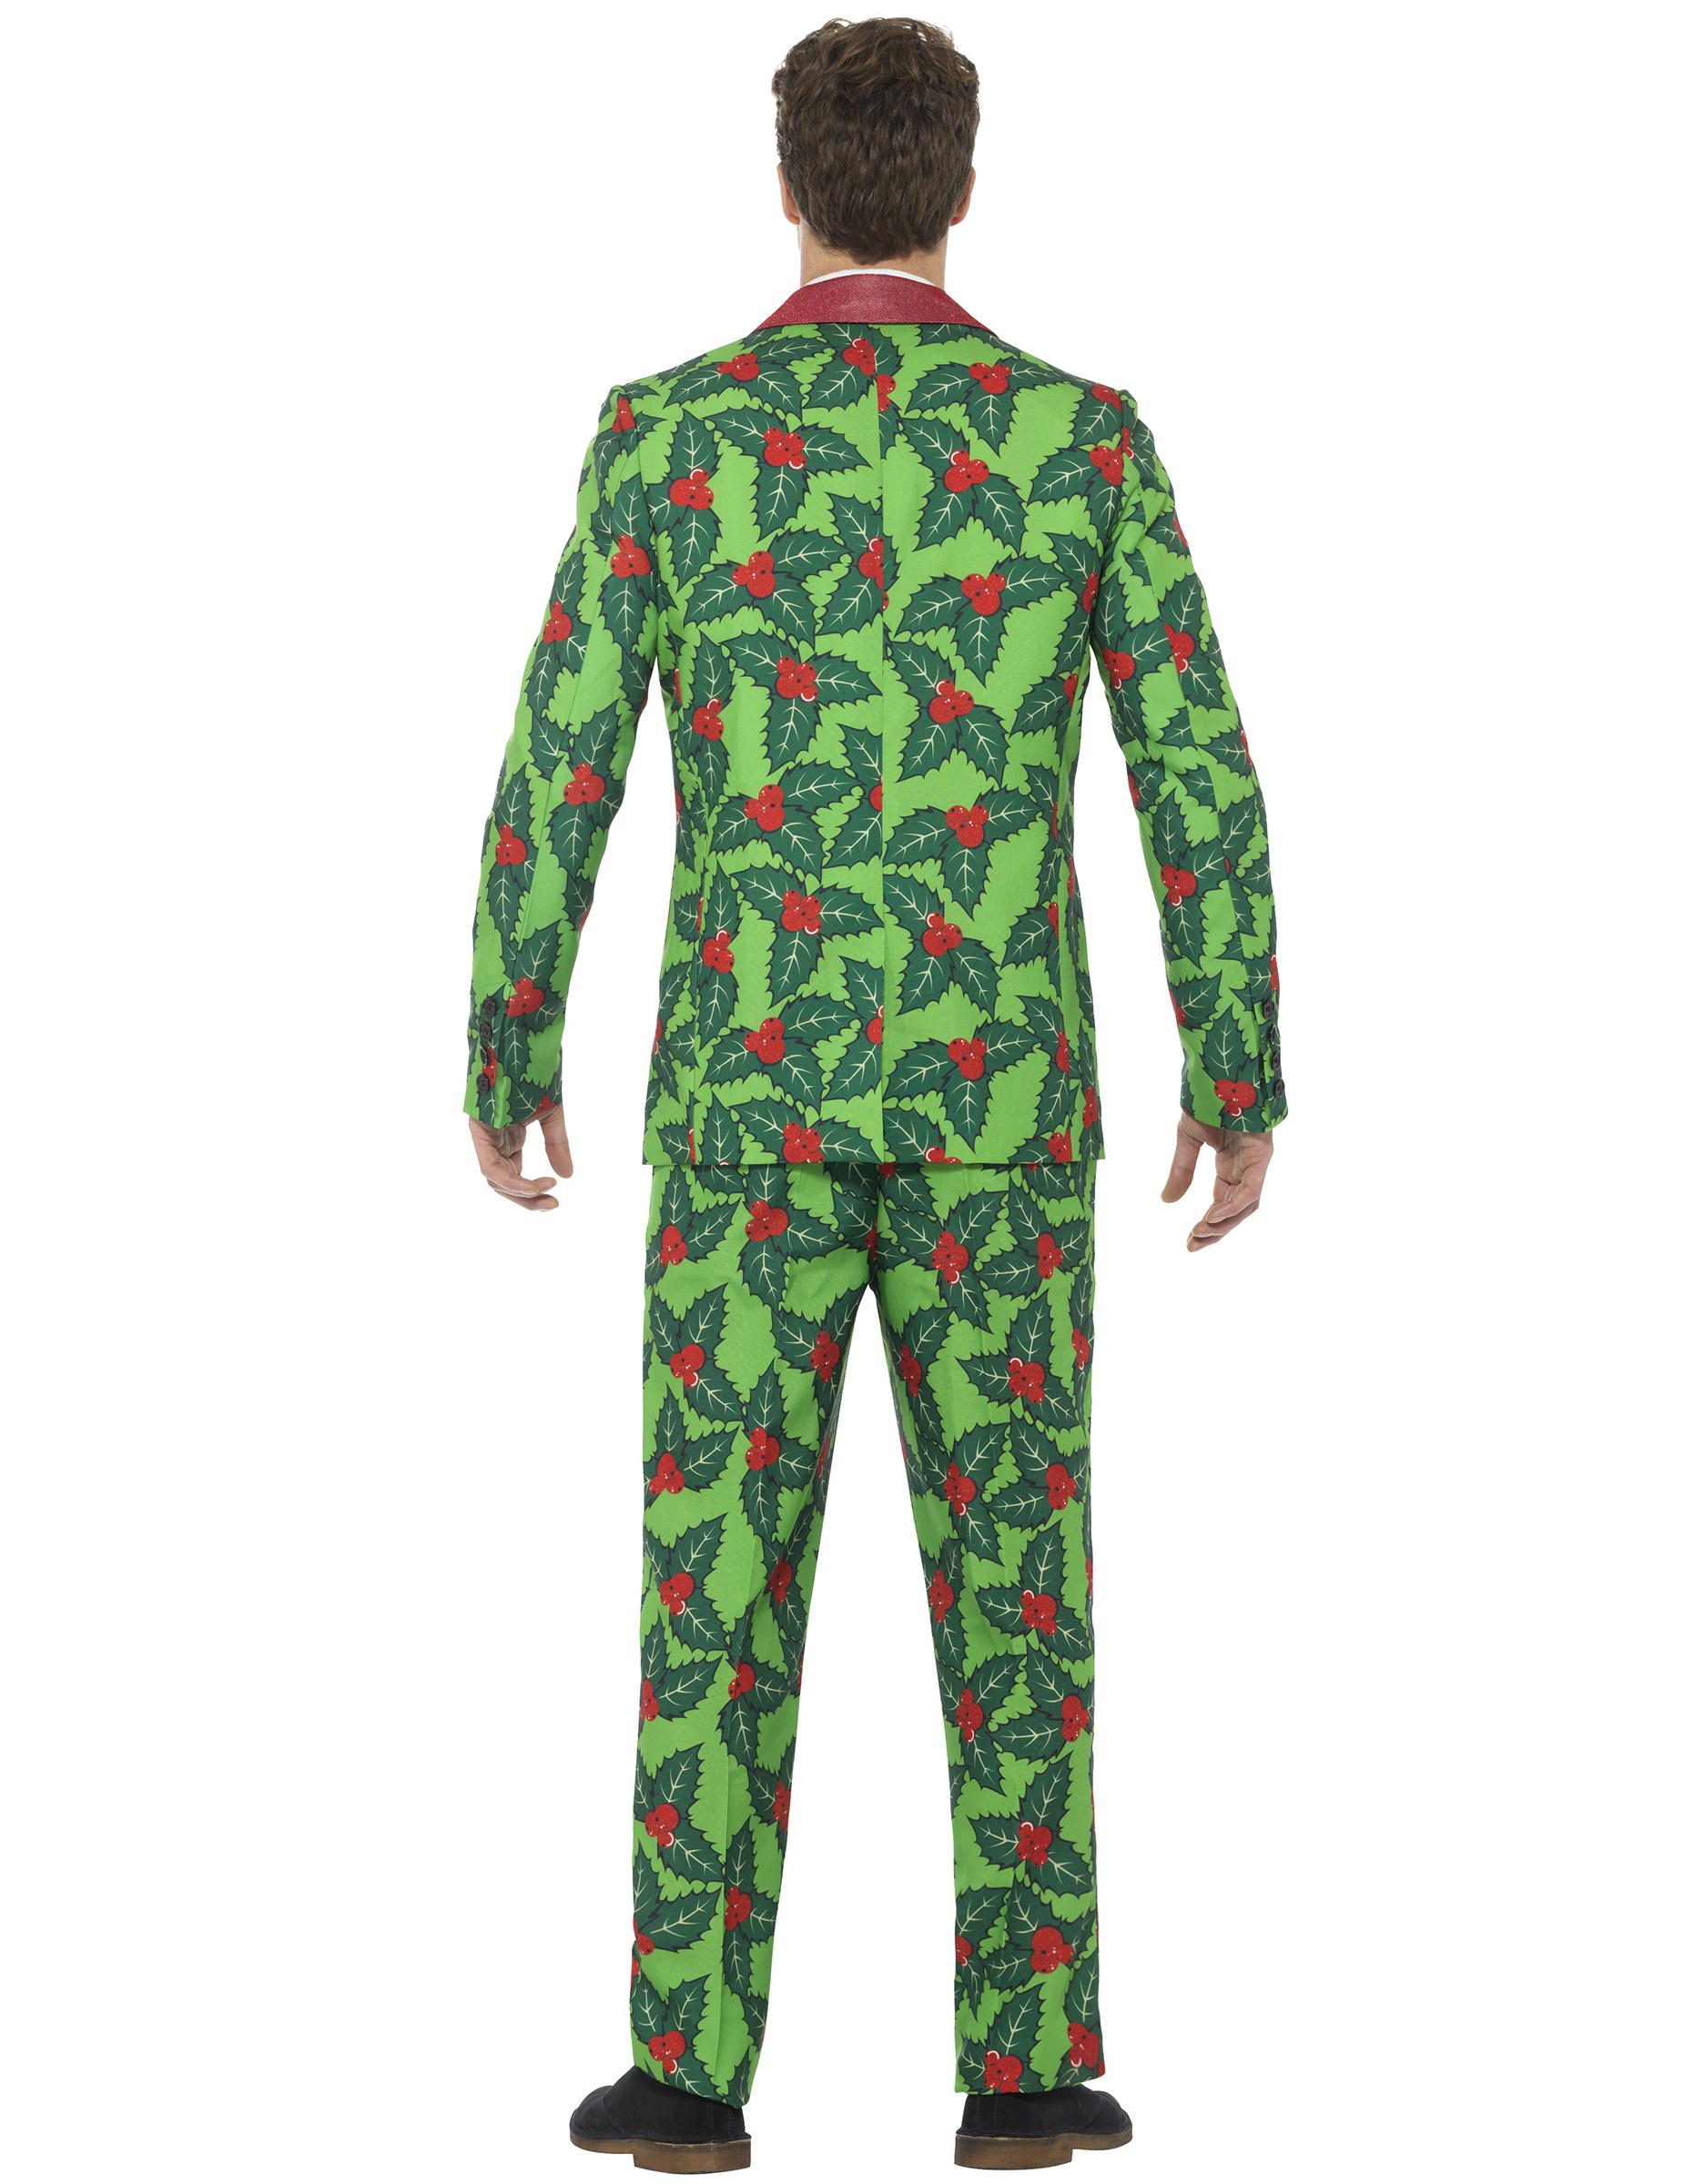 weihnachts anzug motiv stechpalme kost me f r erwachsene. Black Bedroom Furniture Sets. Home Design Ideas